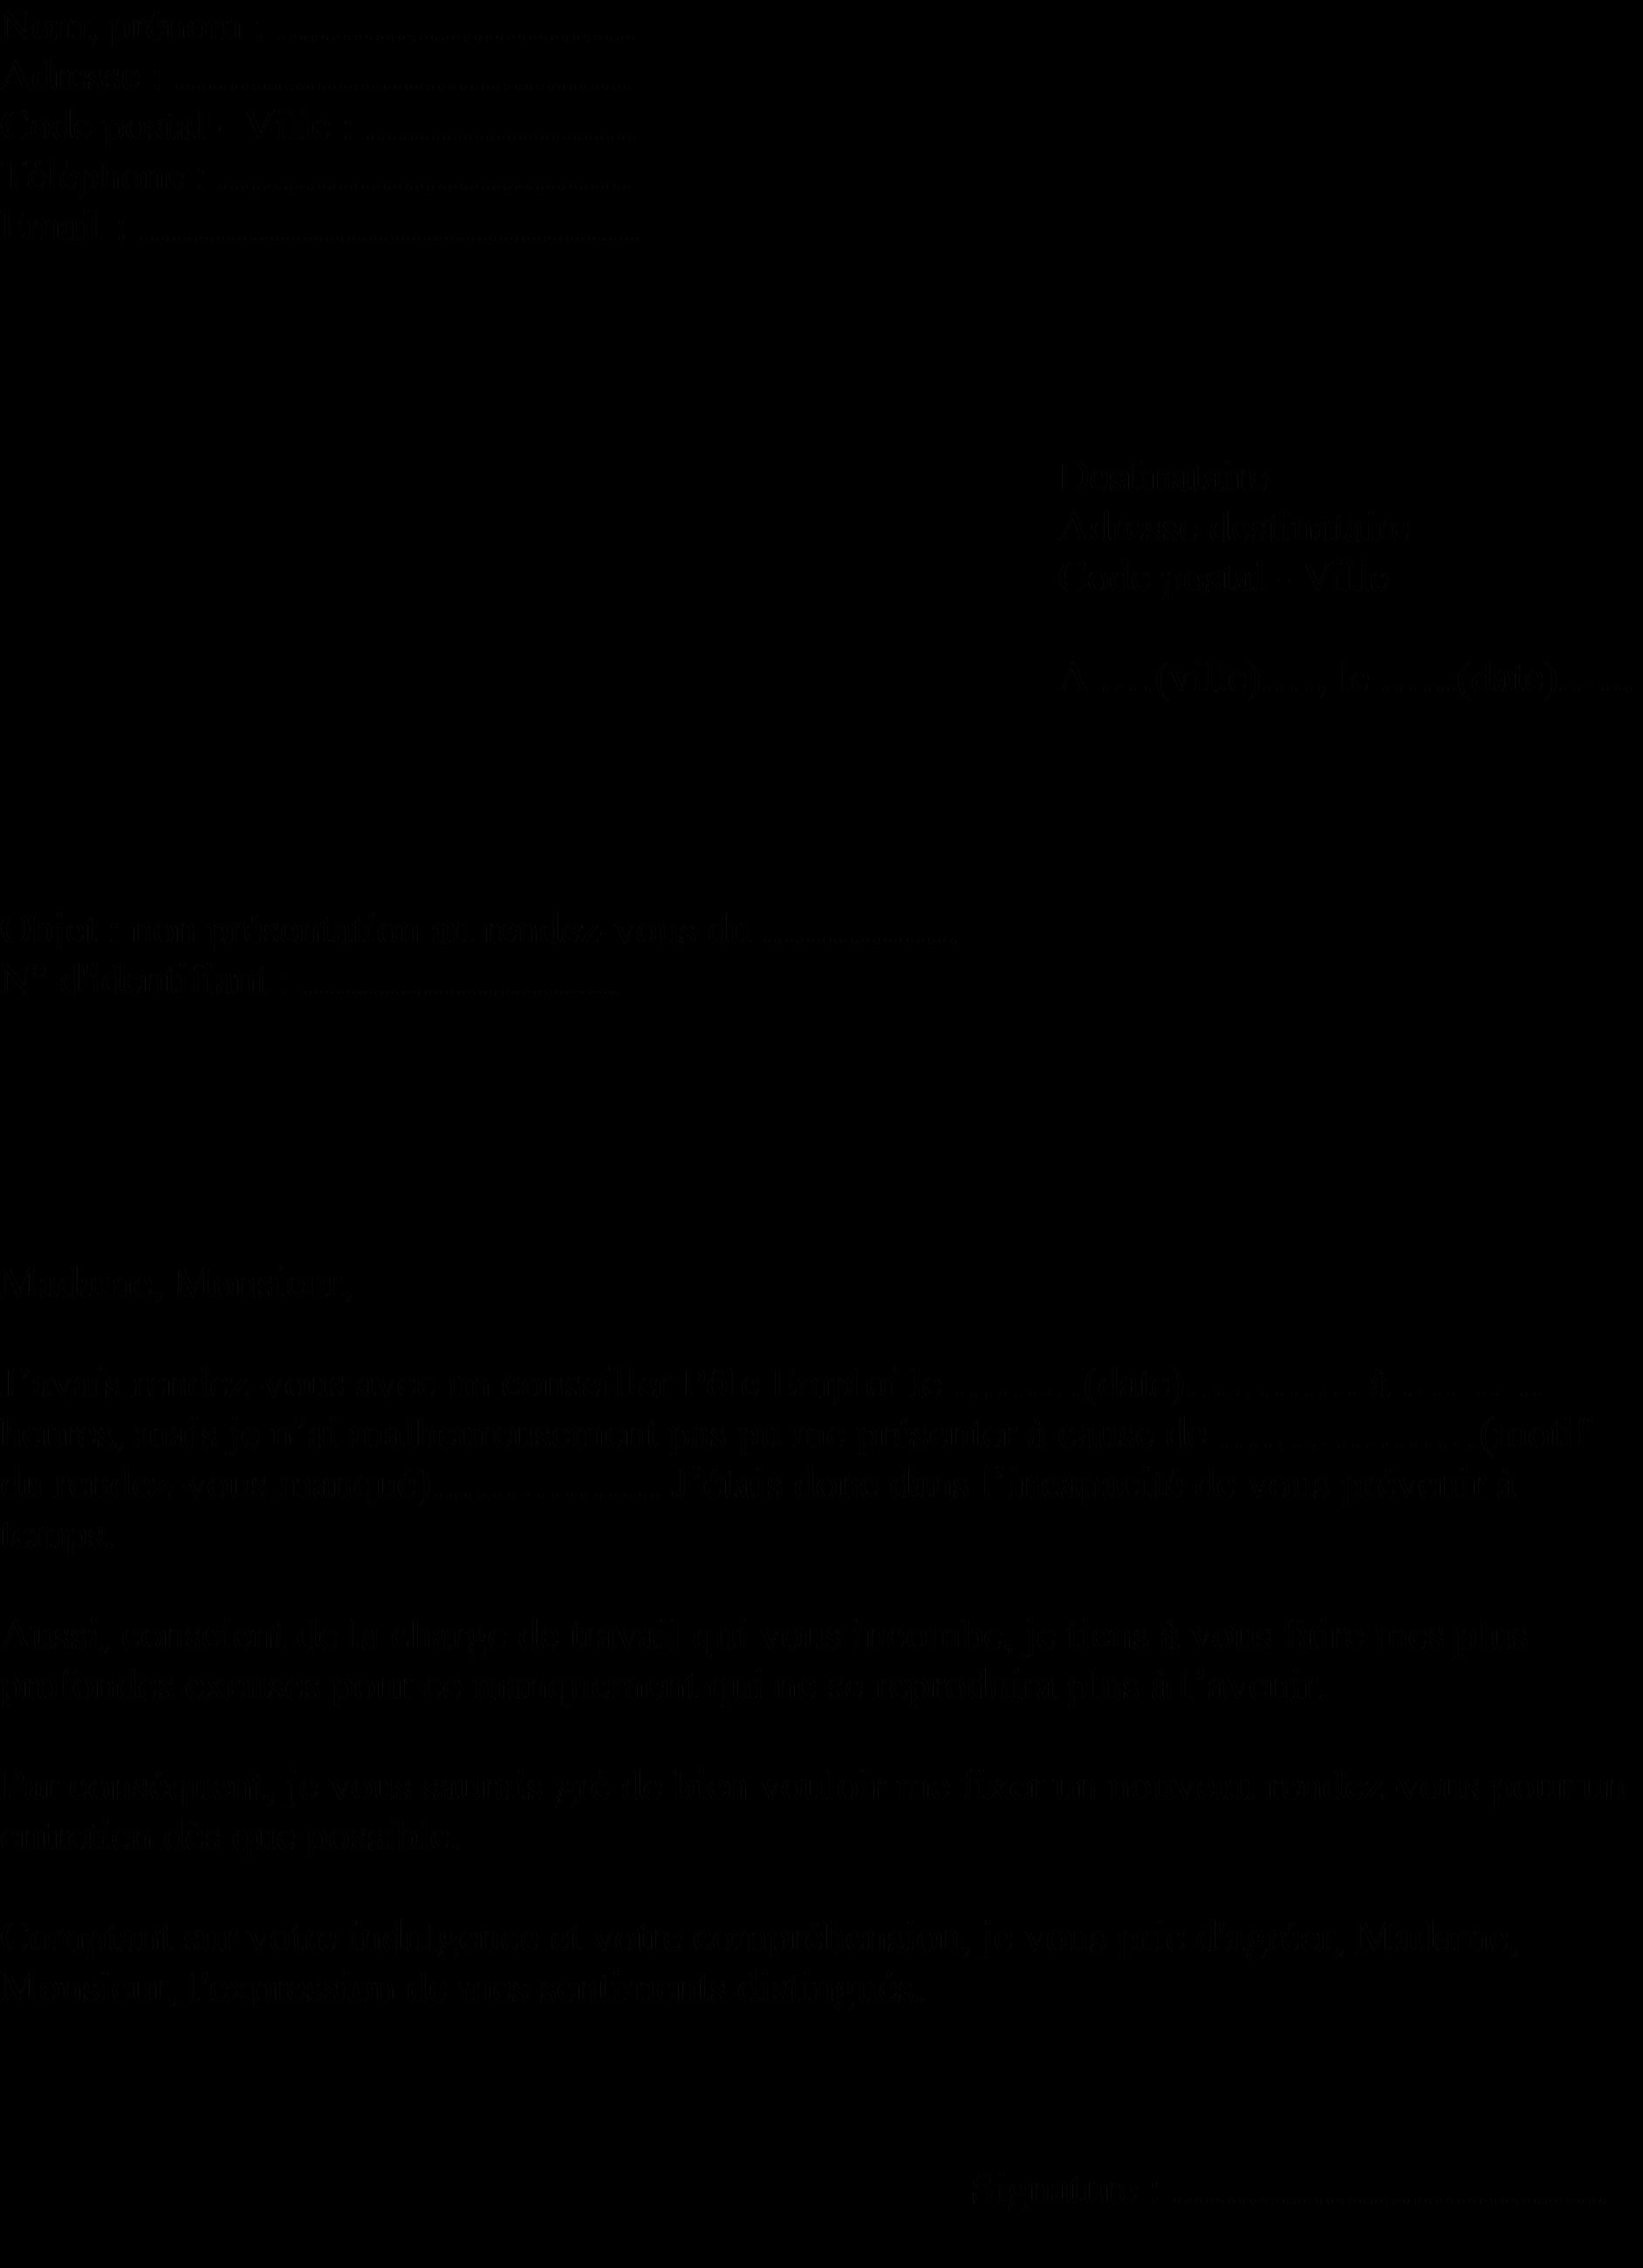 Lettre Type D Excuse Pour Un Rendez Vous Professionnel Ou Pole Emploi Manque Si Vous Lettre De Motivation Travail Lettre De Motivation Ecole Modeles De Lettres